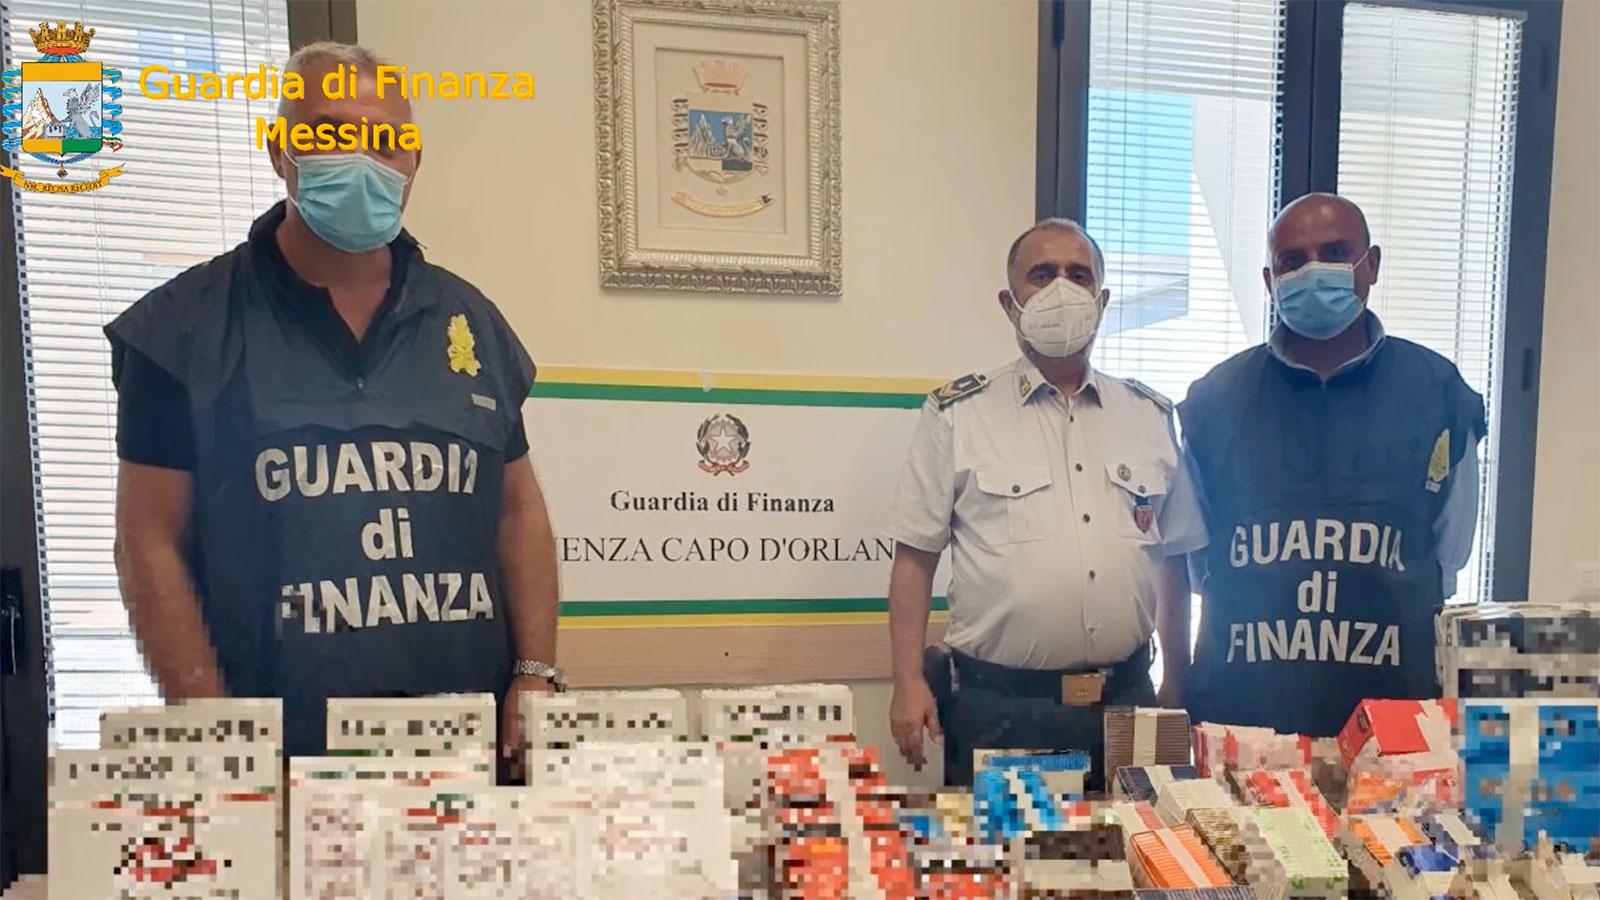 sequestro a capo d'orlando, in provincia di messina, di prodotti per fumatori venduti senza autorizzazione